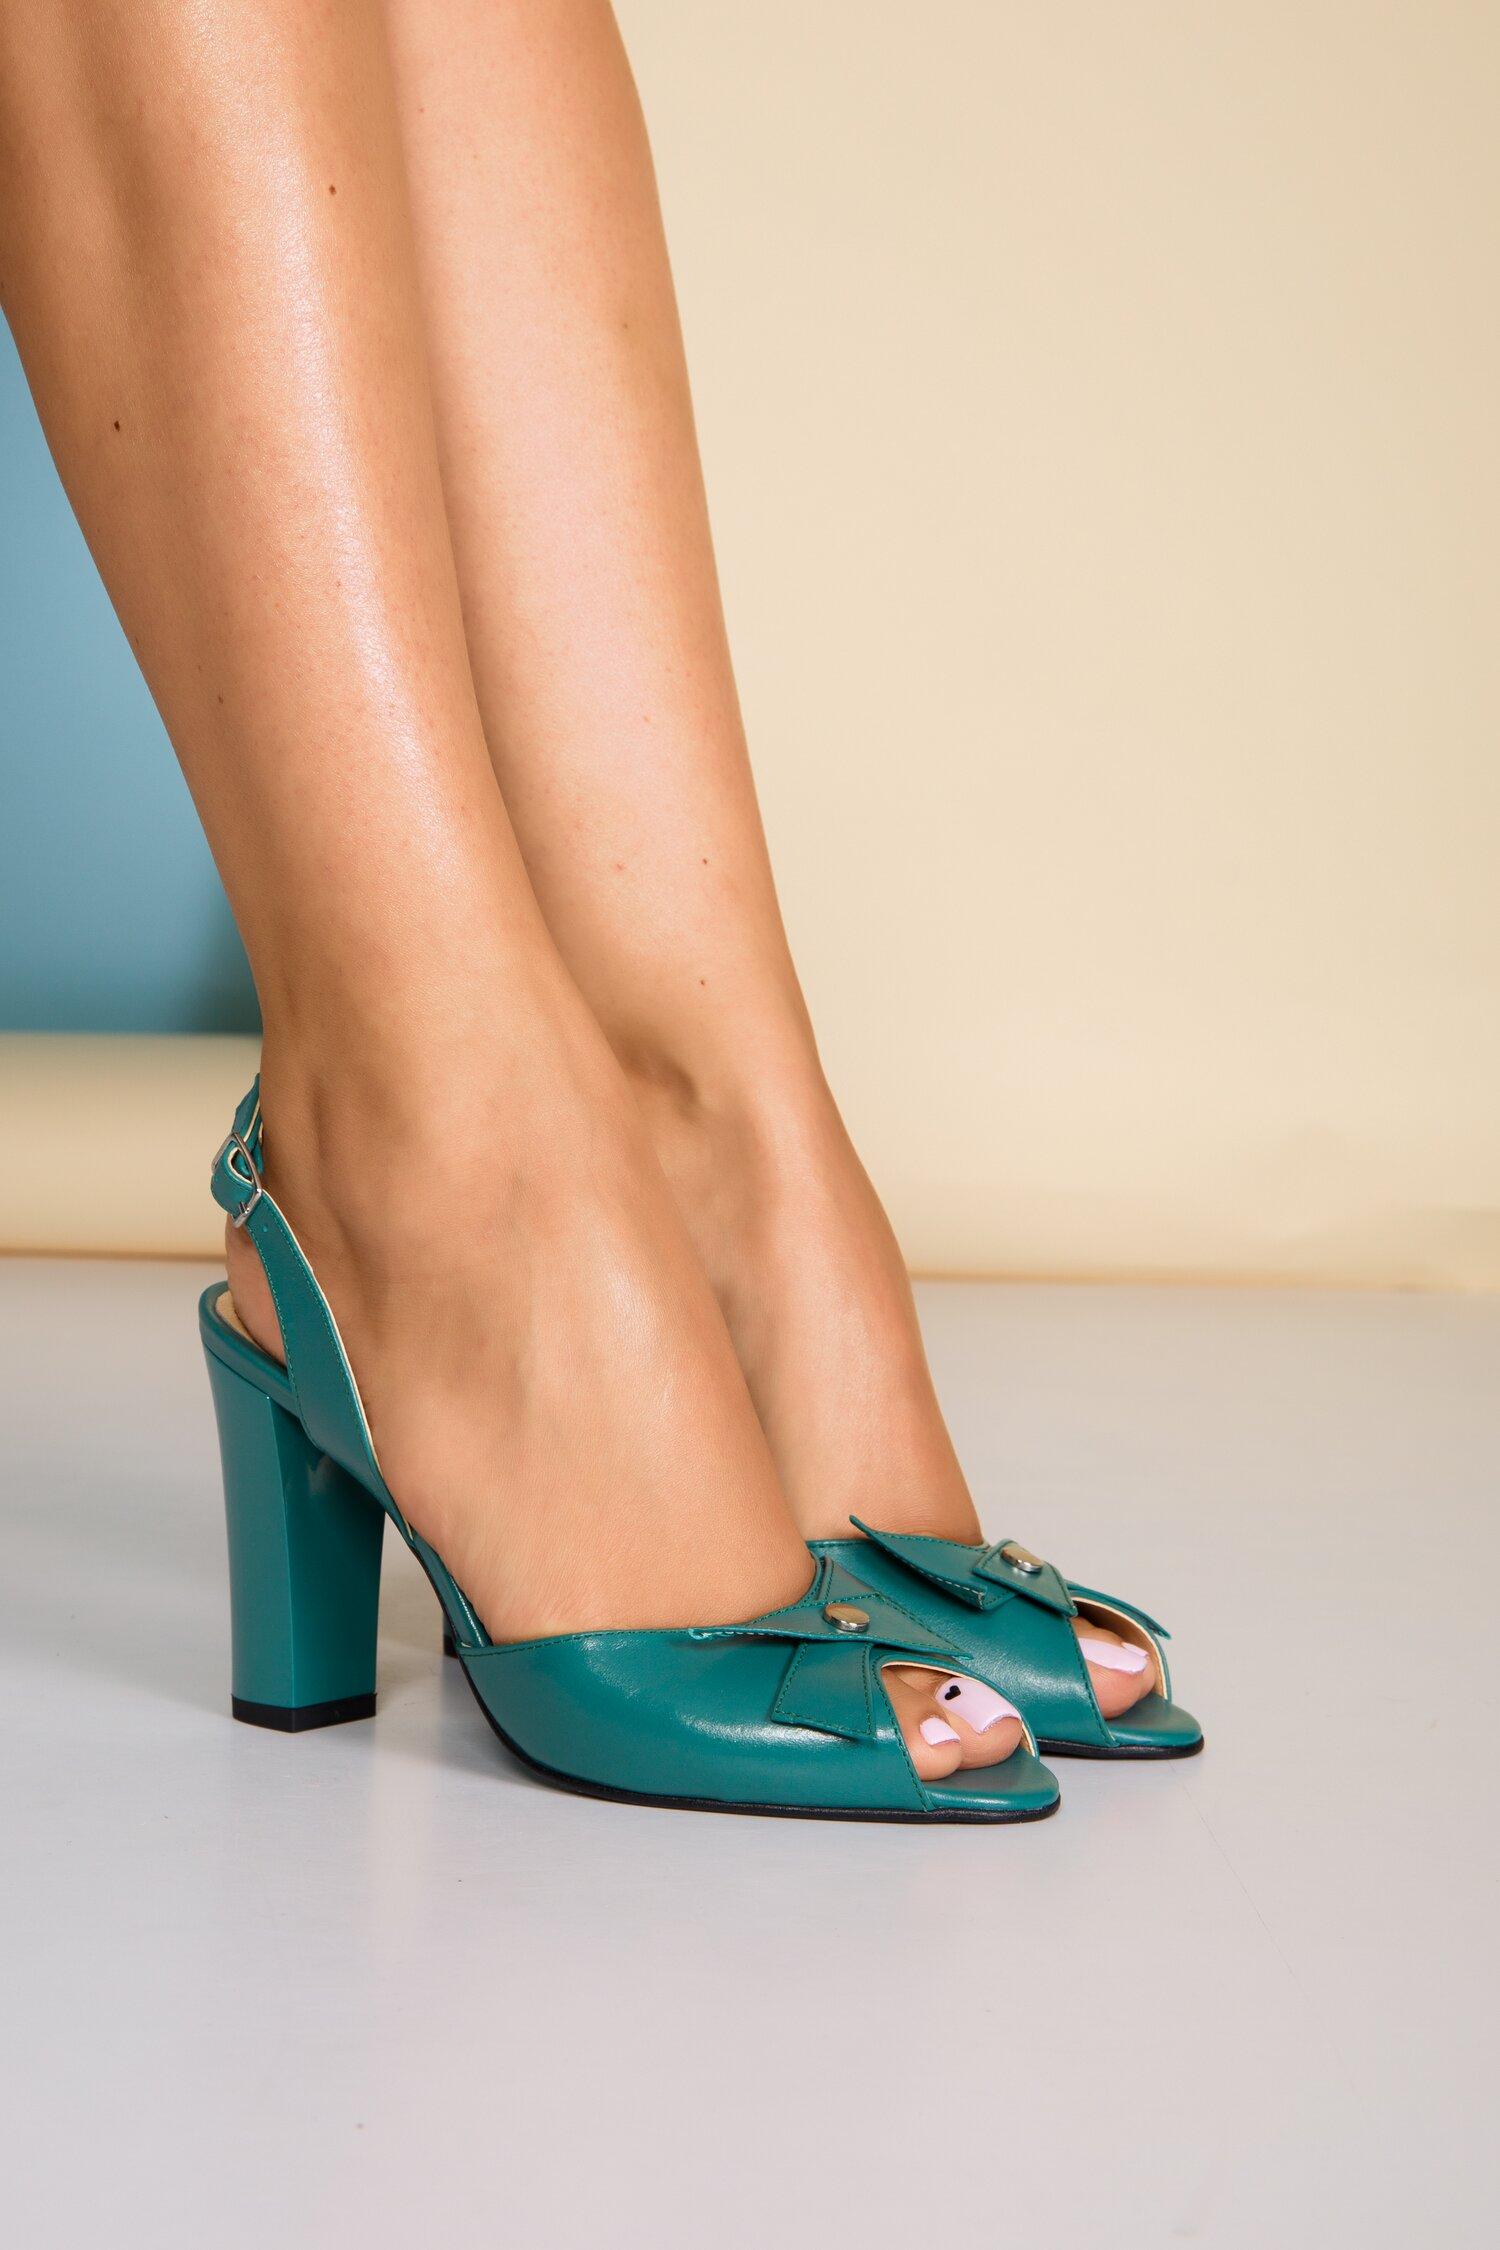 Sandale turcoaz din piele naturala cu aplicatie pe varf imagine